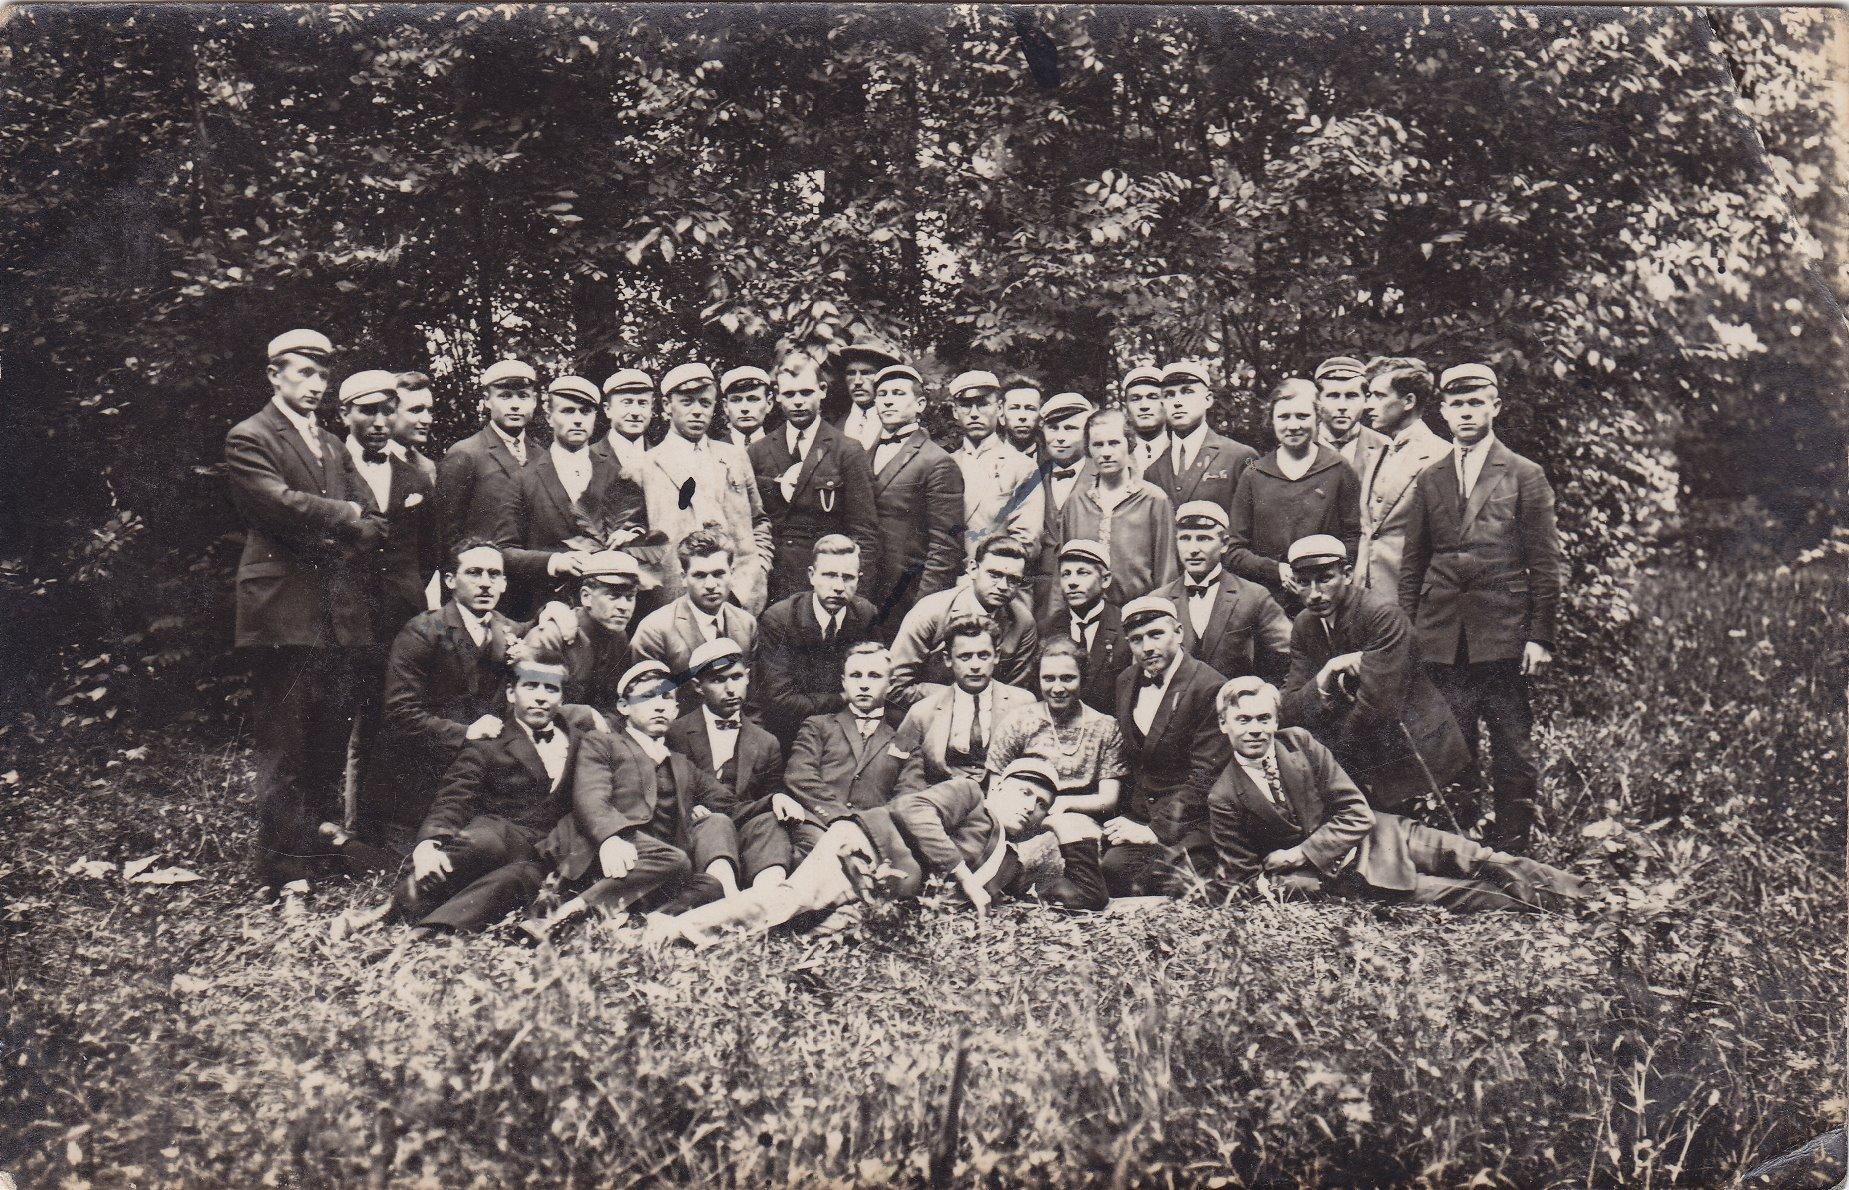 Žemės ūkio akademijos studentai. Apie 1928 m. Būsimasis profesorius, agronomas Petras Vasinauskas (sėdi antras iš kairės)